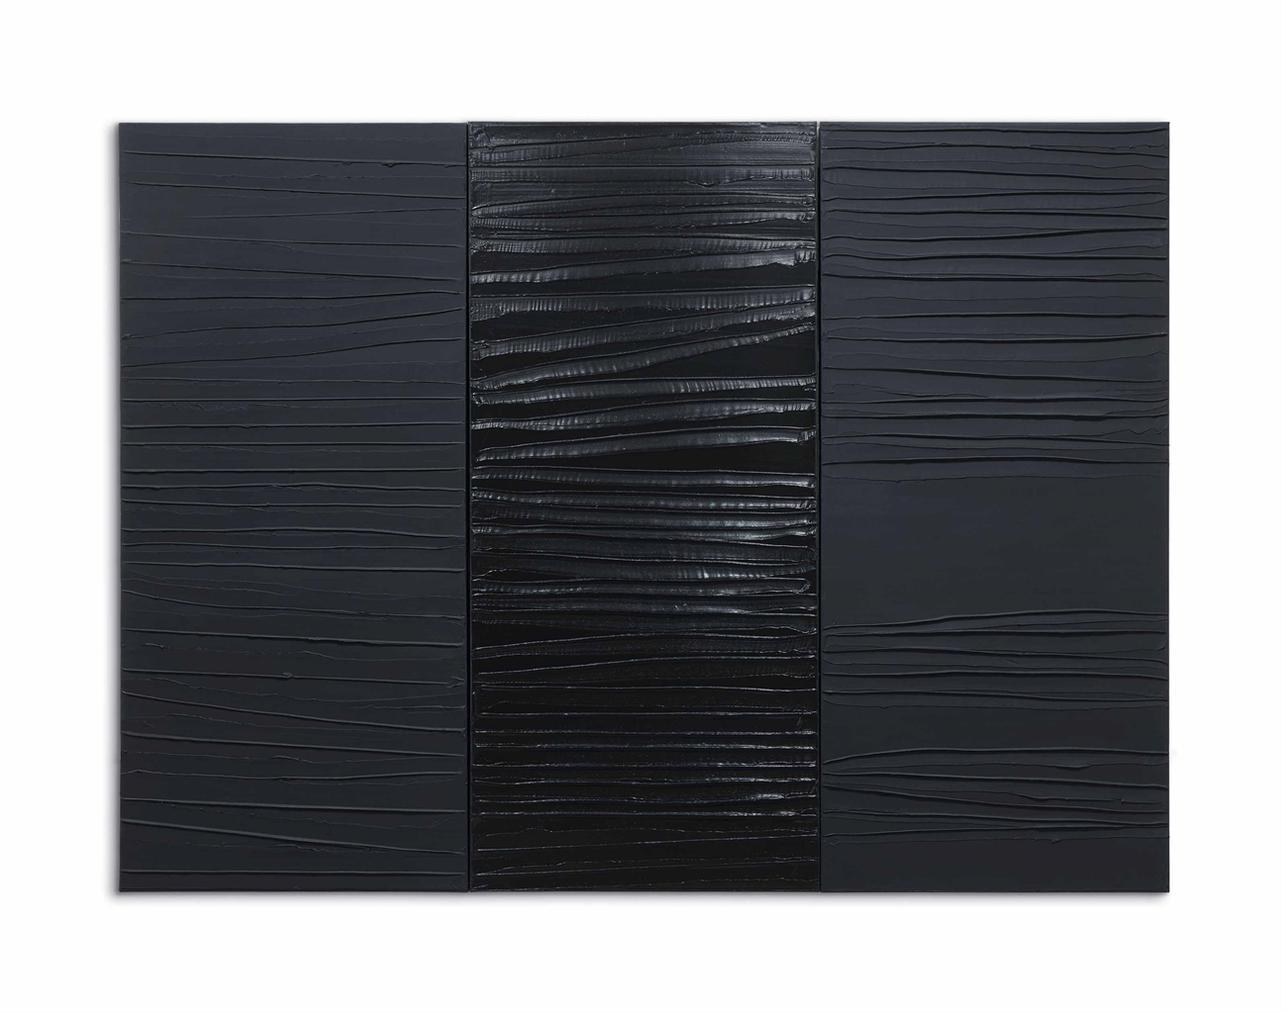 Pierre Soulages-Peinture 227 X 306 Cm, 2 Mars 2009-2009